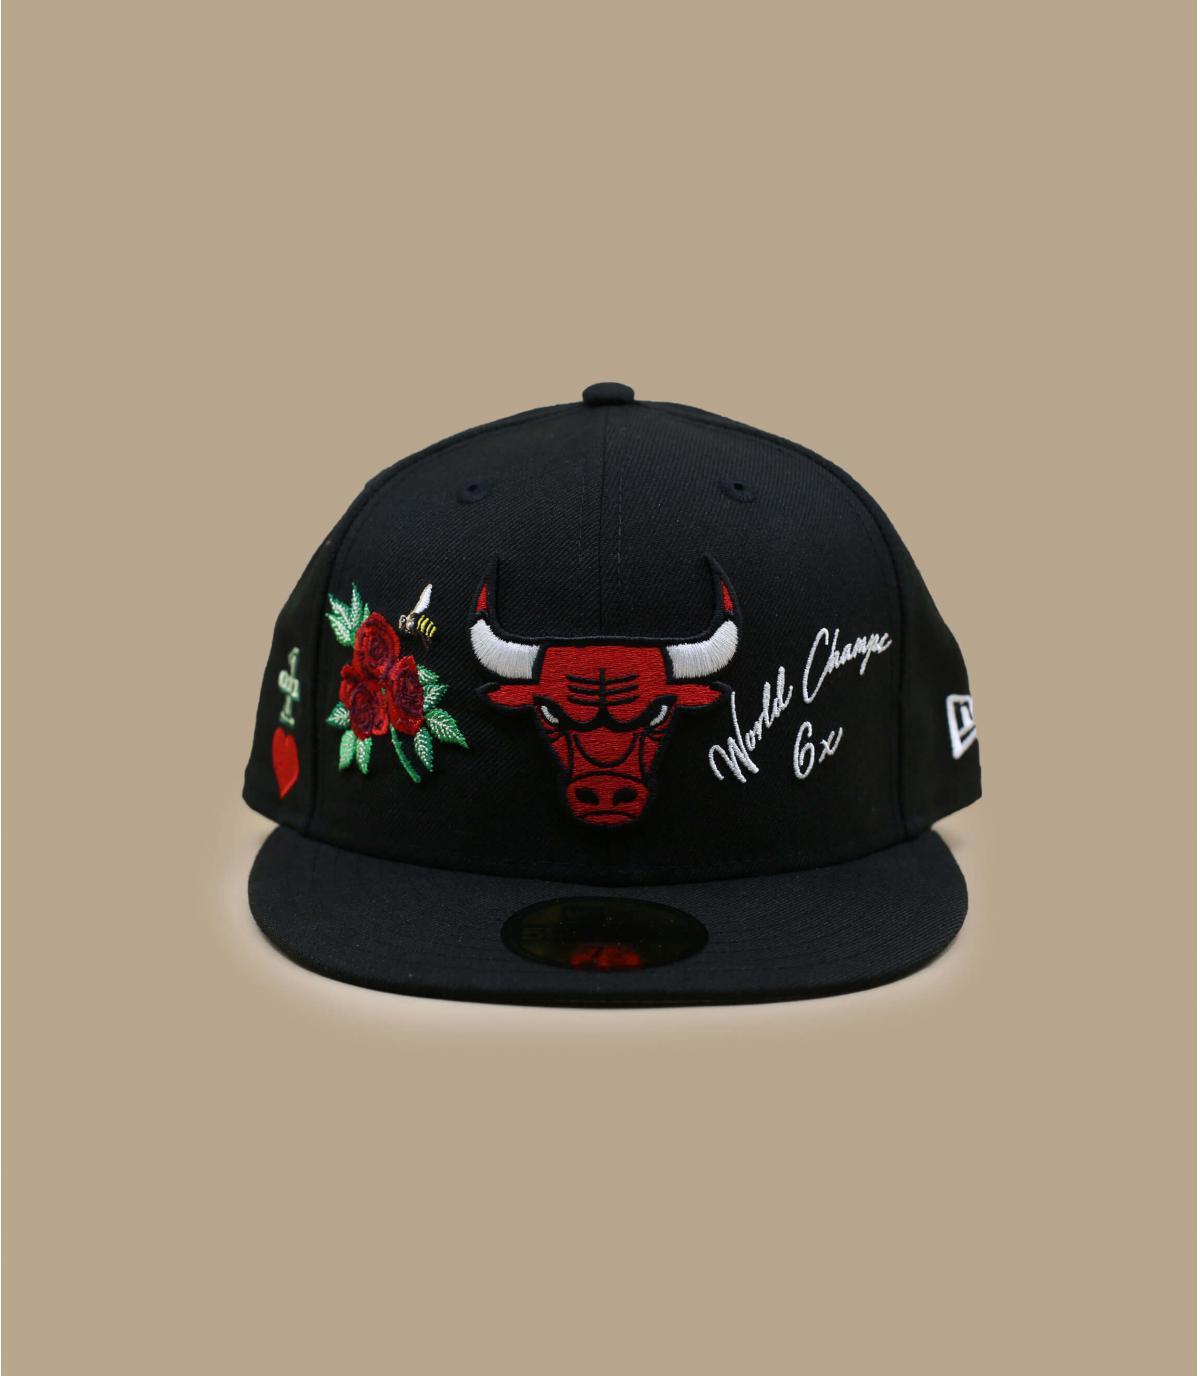 Bulls cap patches